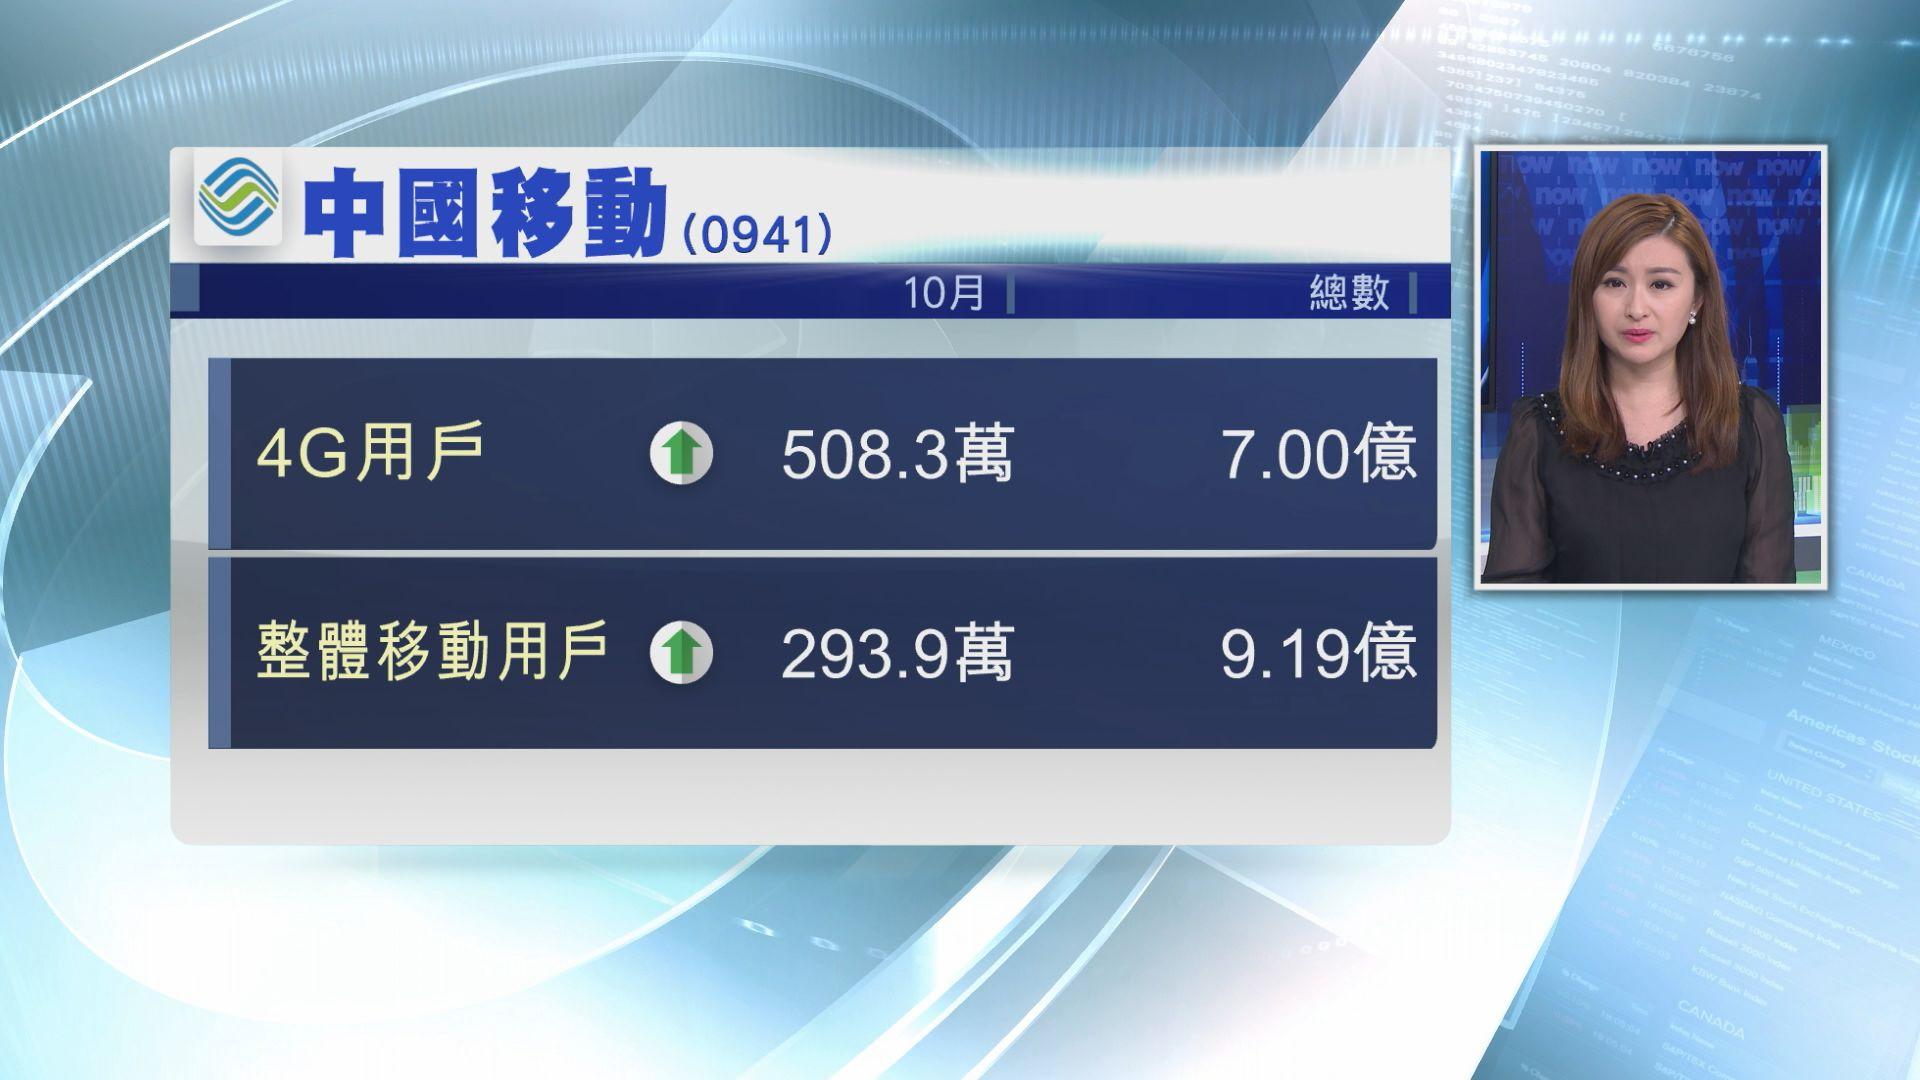 【首破七億戶】中移4G上客續放緩